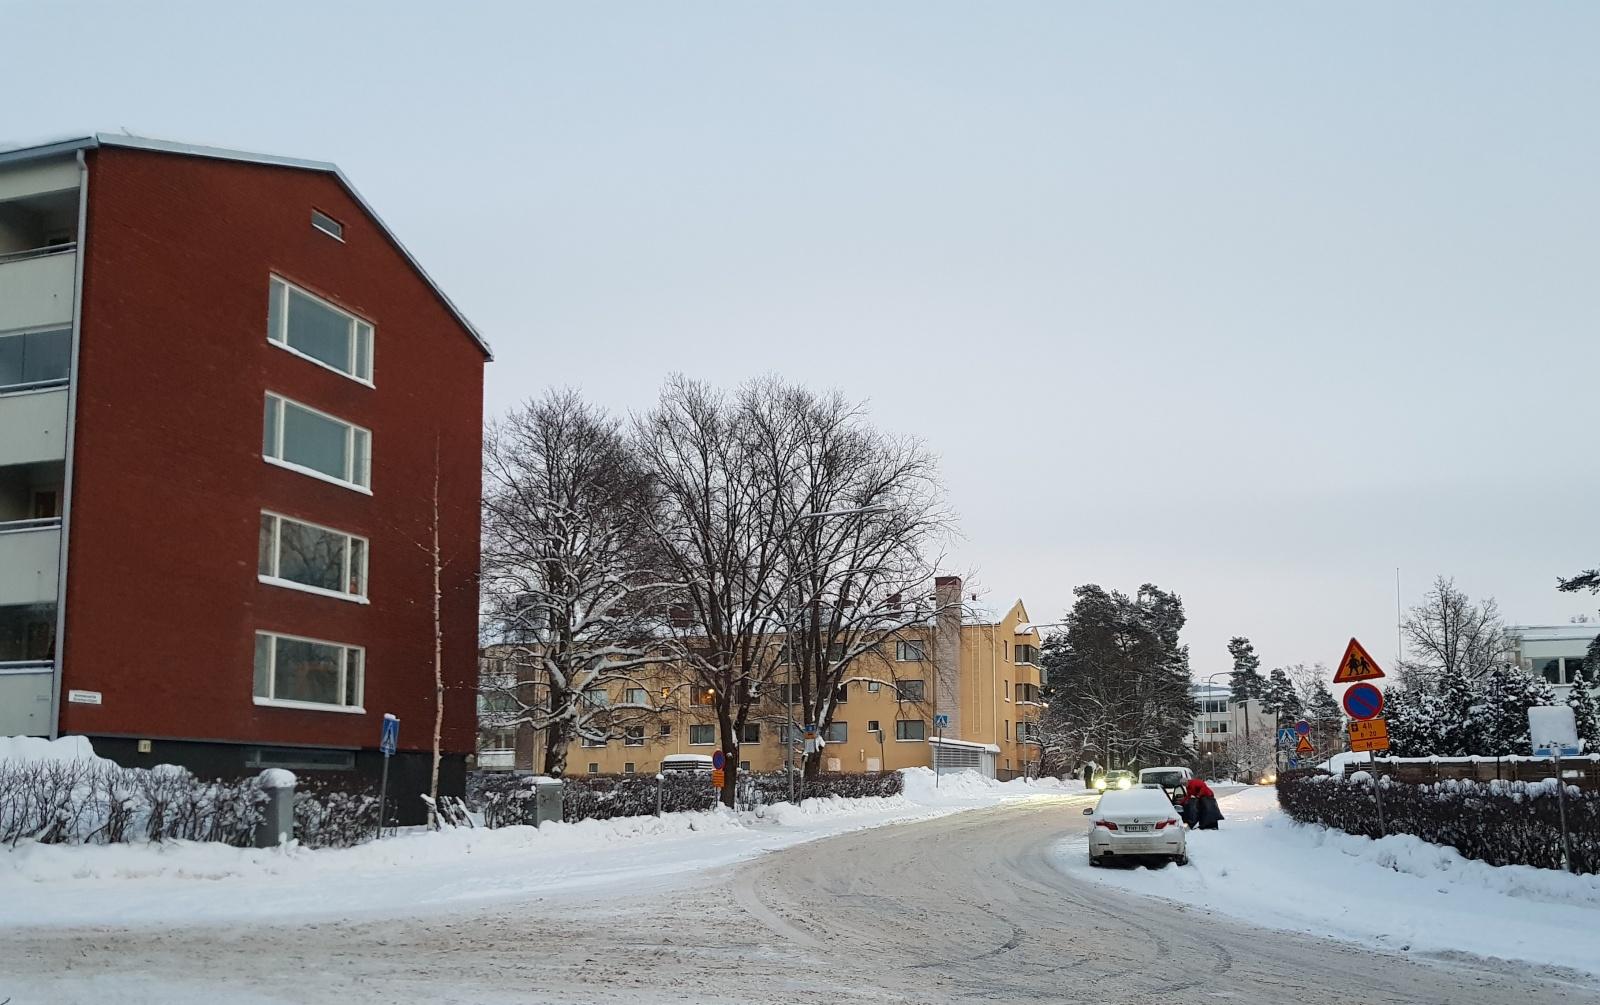 Хельсинки. Как найти работу в финской игровой индустрии, начать работать без разрешения и не нарушить российские законы - 4